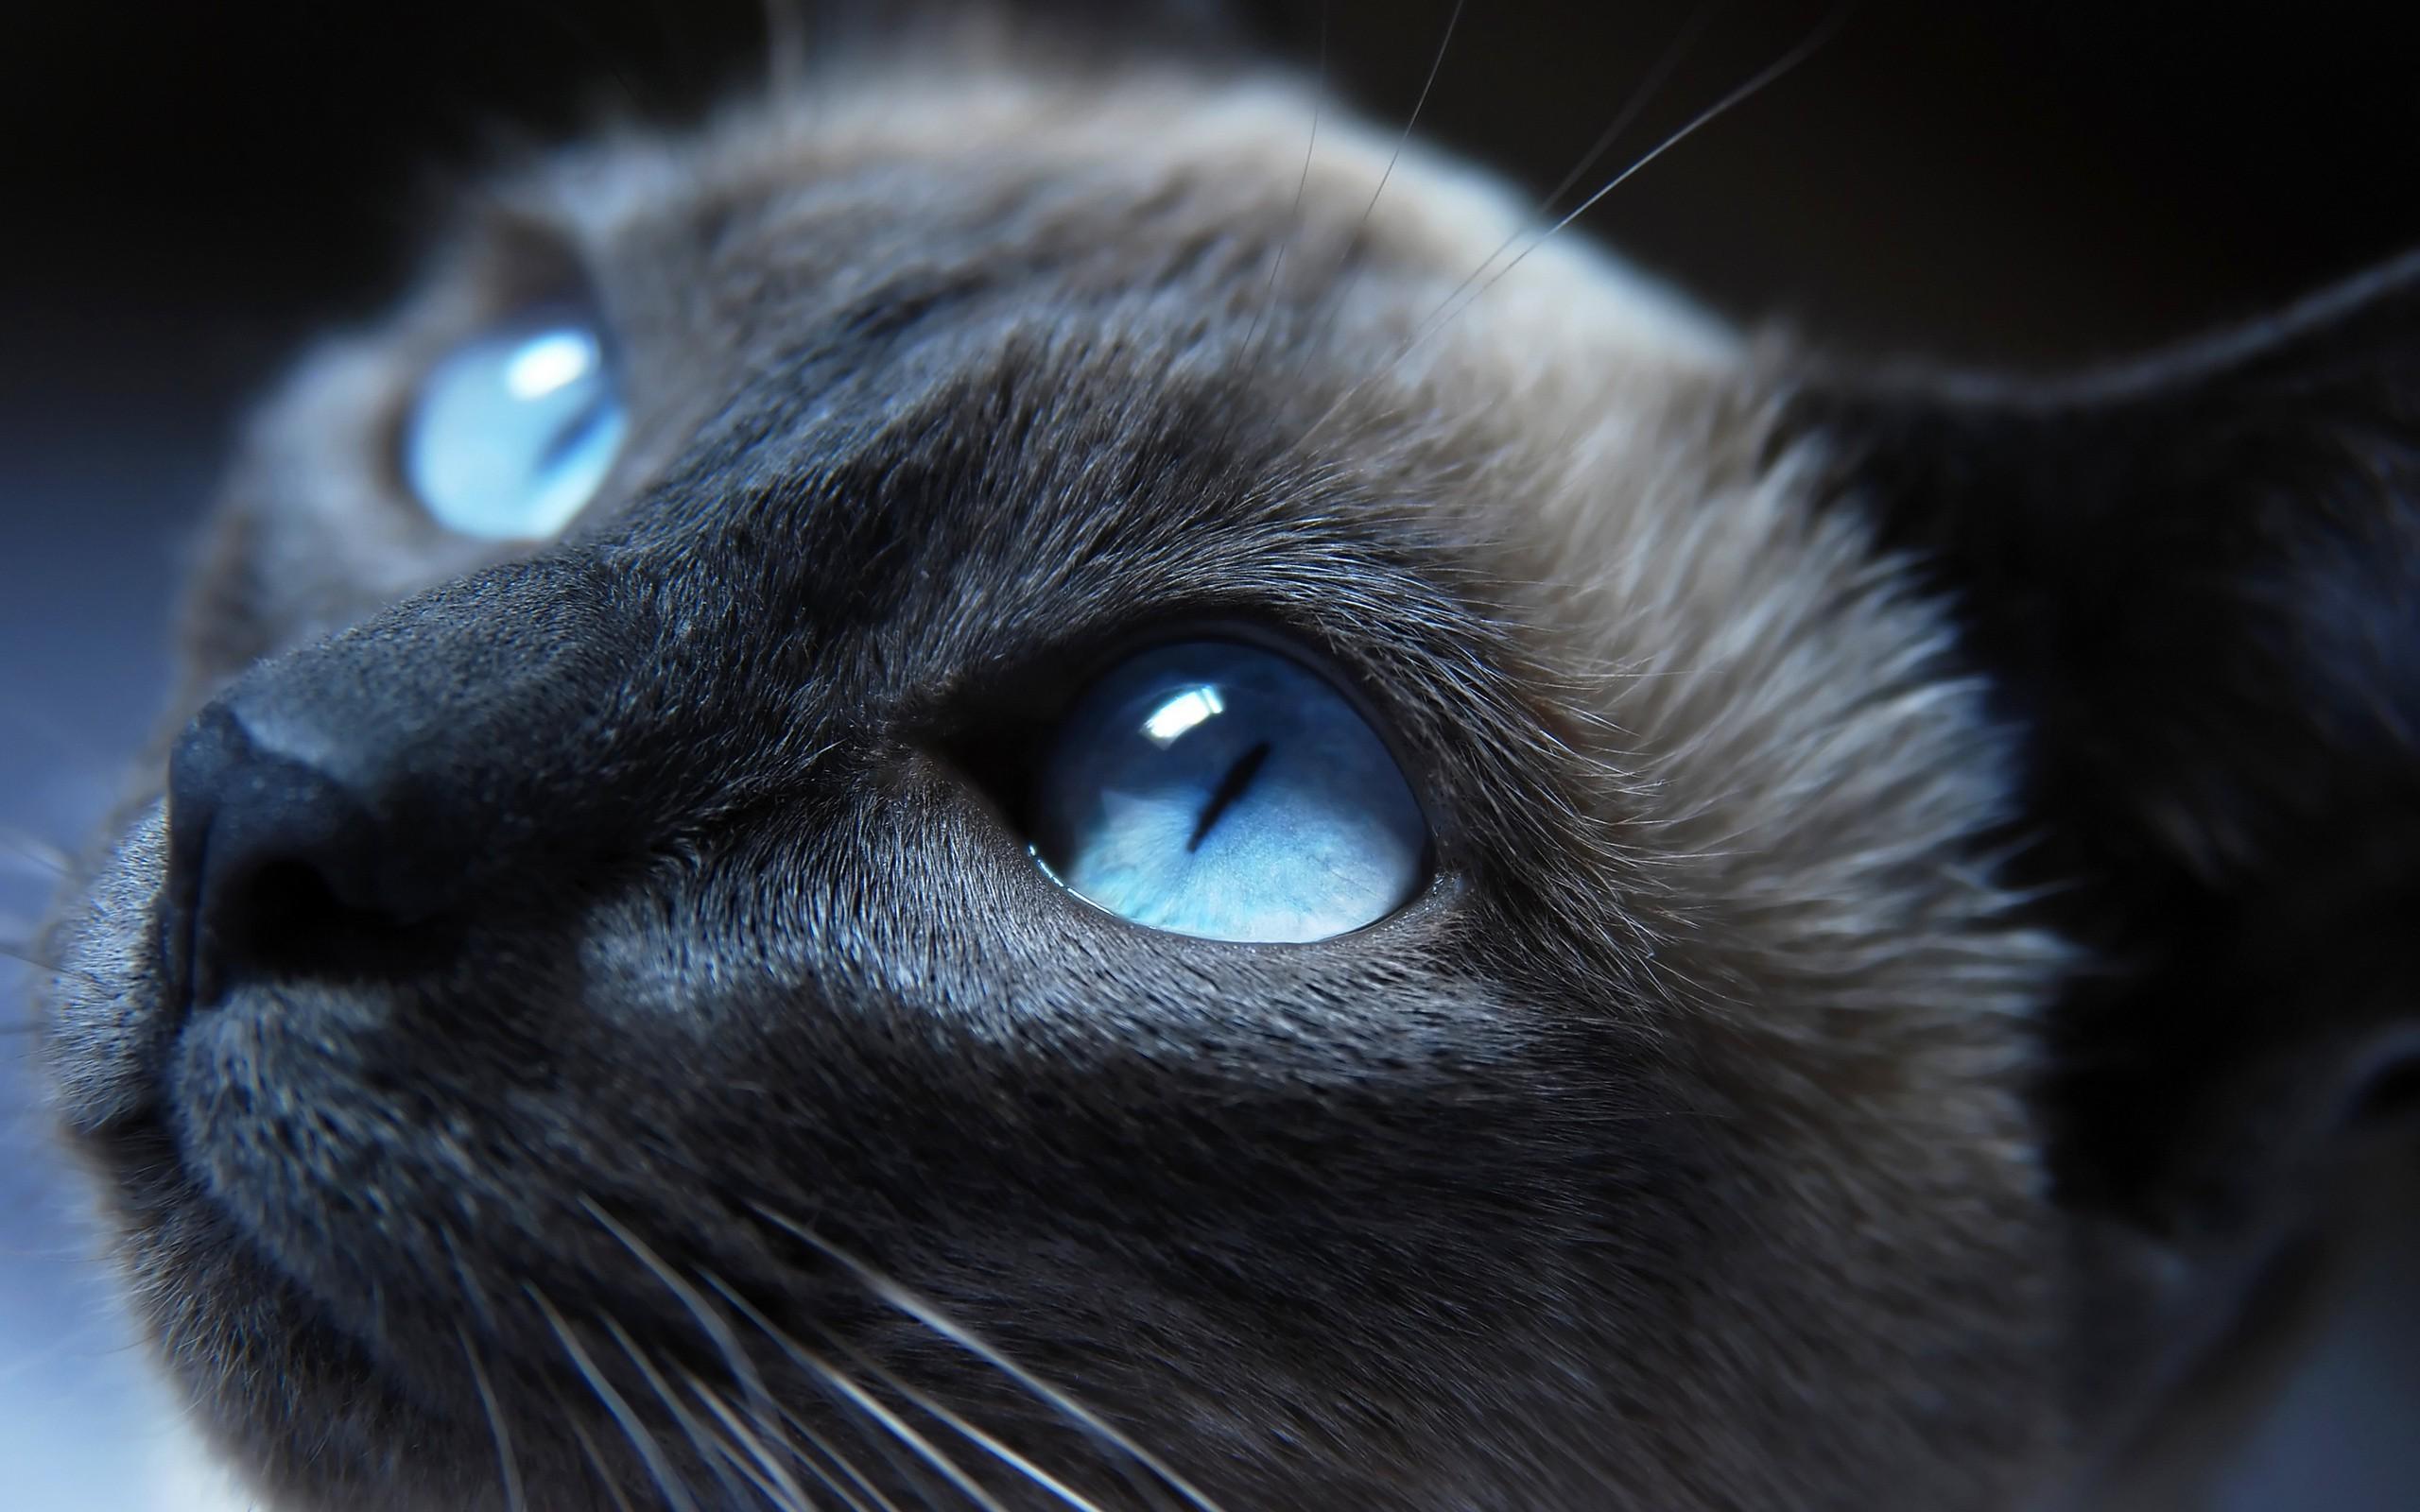 Fond d\u0027écran  chat, animaux, Monochrome, yeux bleus, bleu, nez,  moustaches, Chat noir, Chats siamois, œil, chaton, 2560x1600 px, vertébré,  organe, fermer,